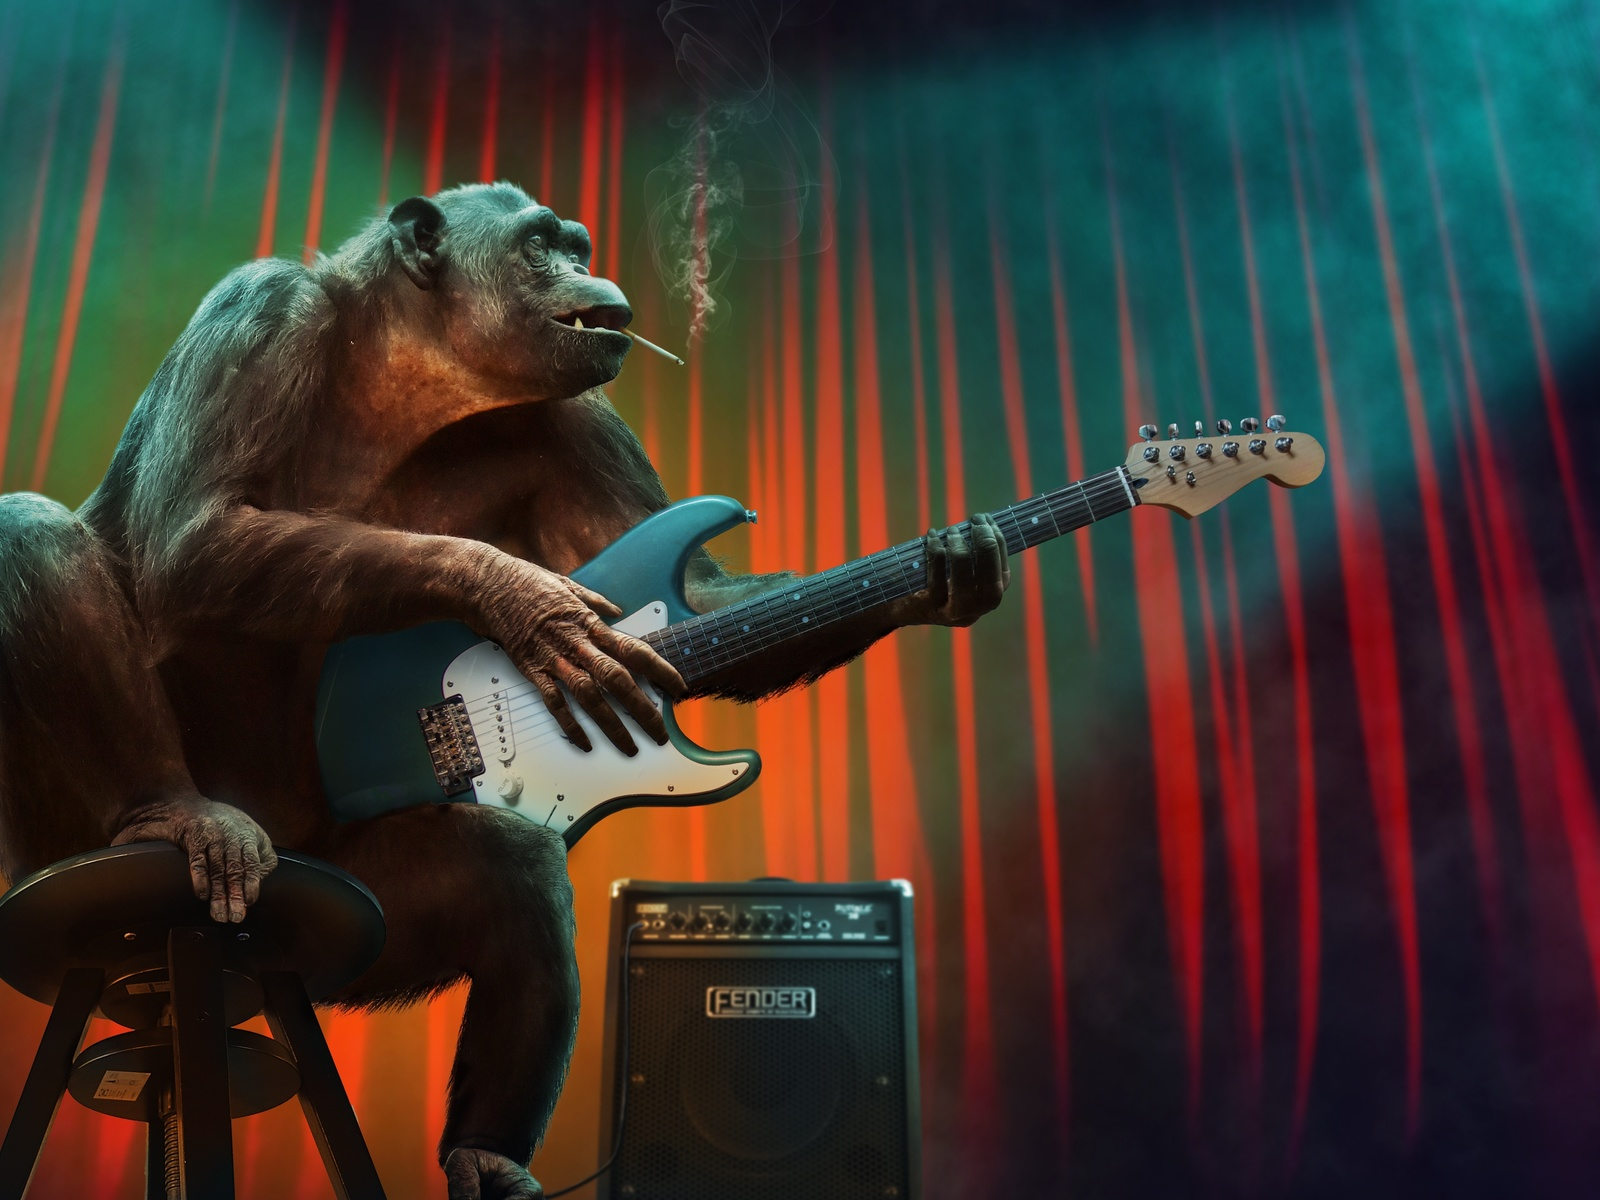 обезьяна, концерт, гитара, усилитель, сигарета, юмор